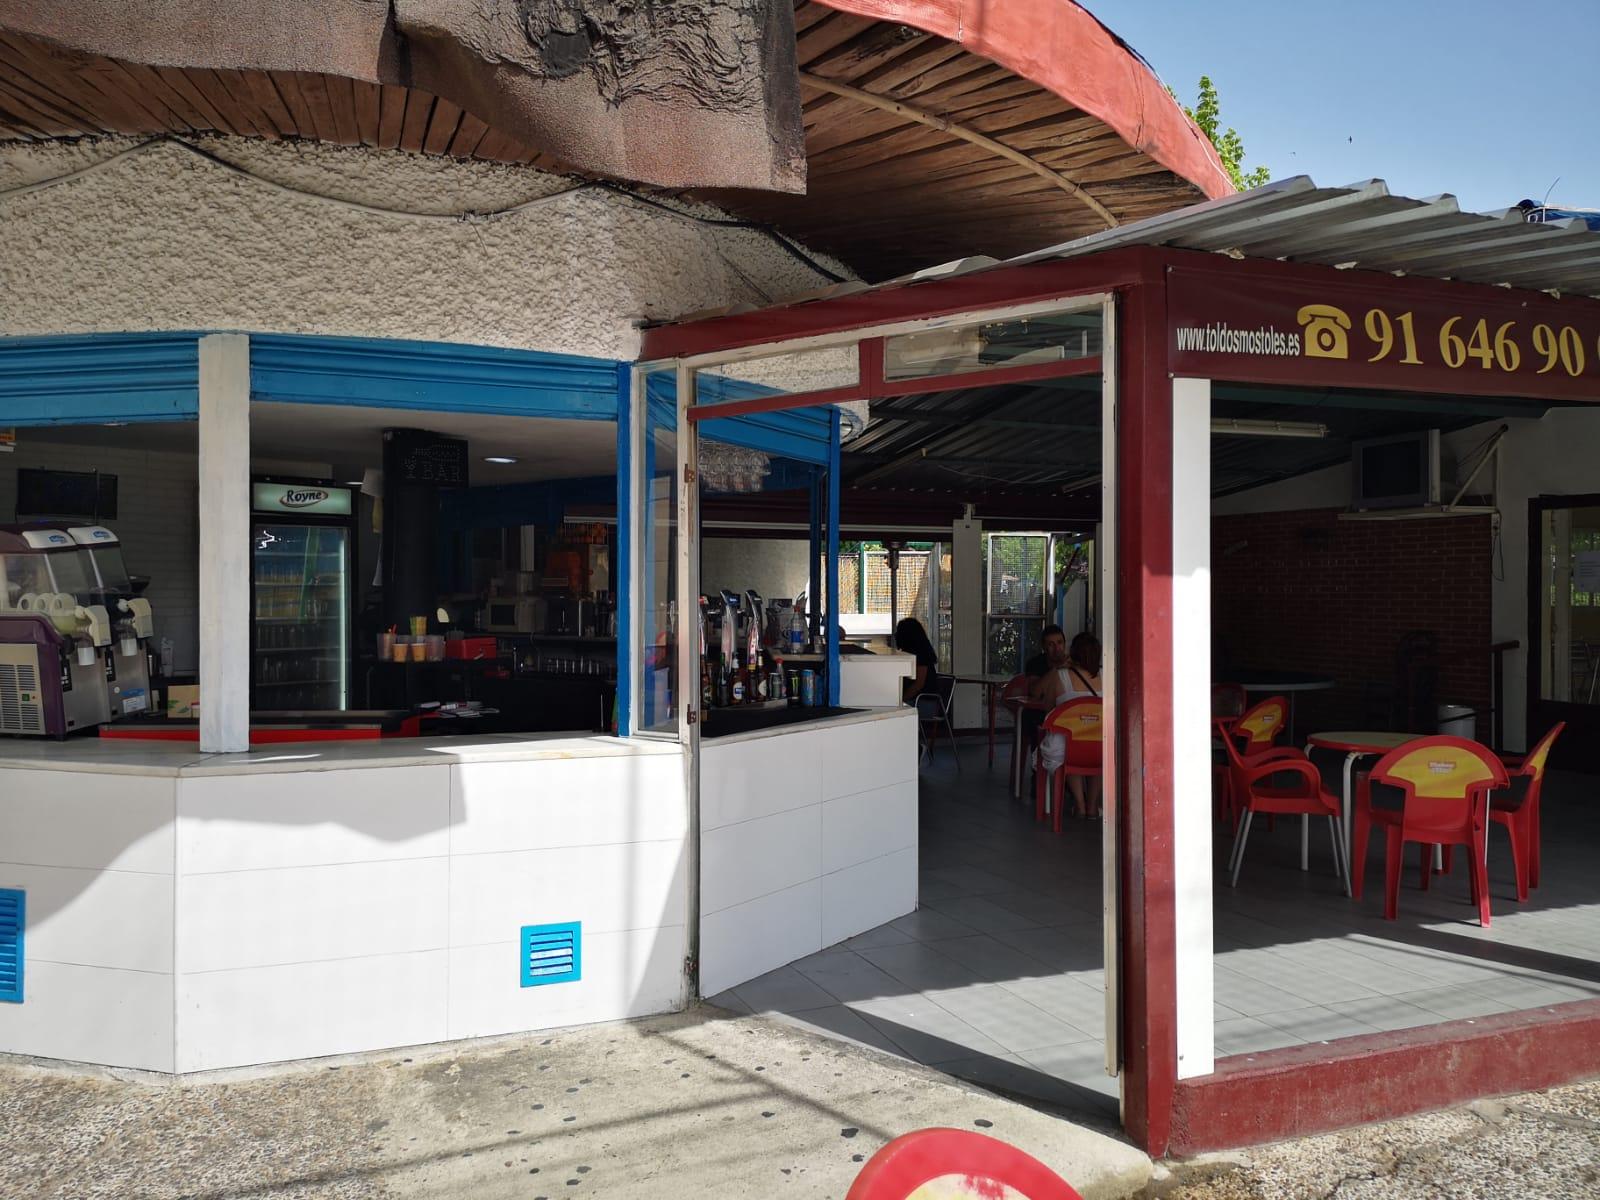 Bar los Rodriguez: Parrillada argentina en mostoles, empanada argentina en mostoles